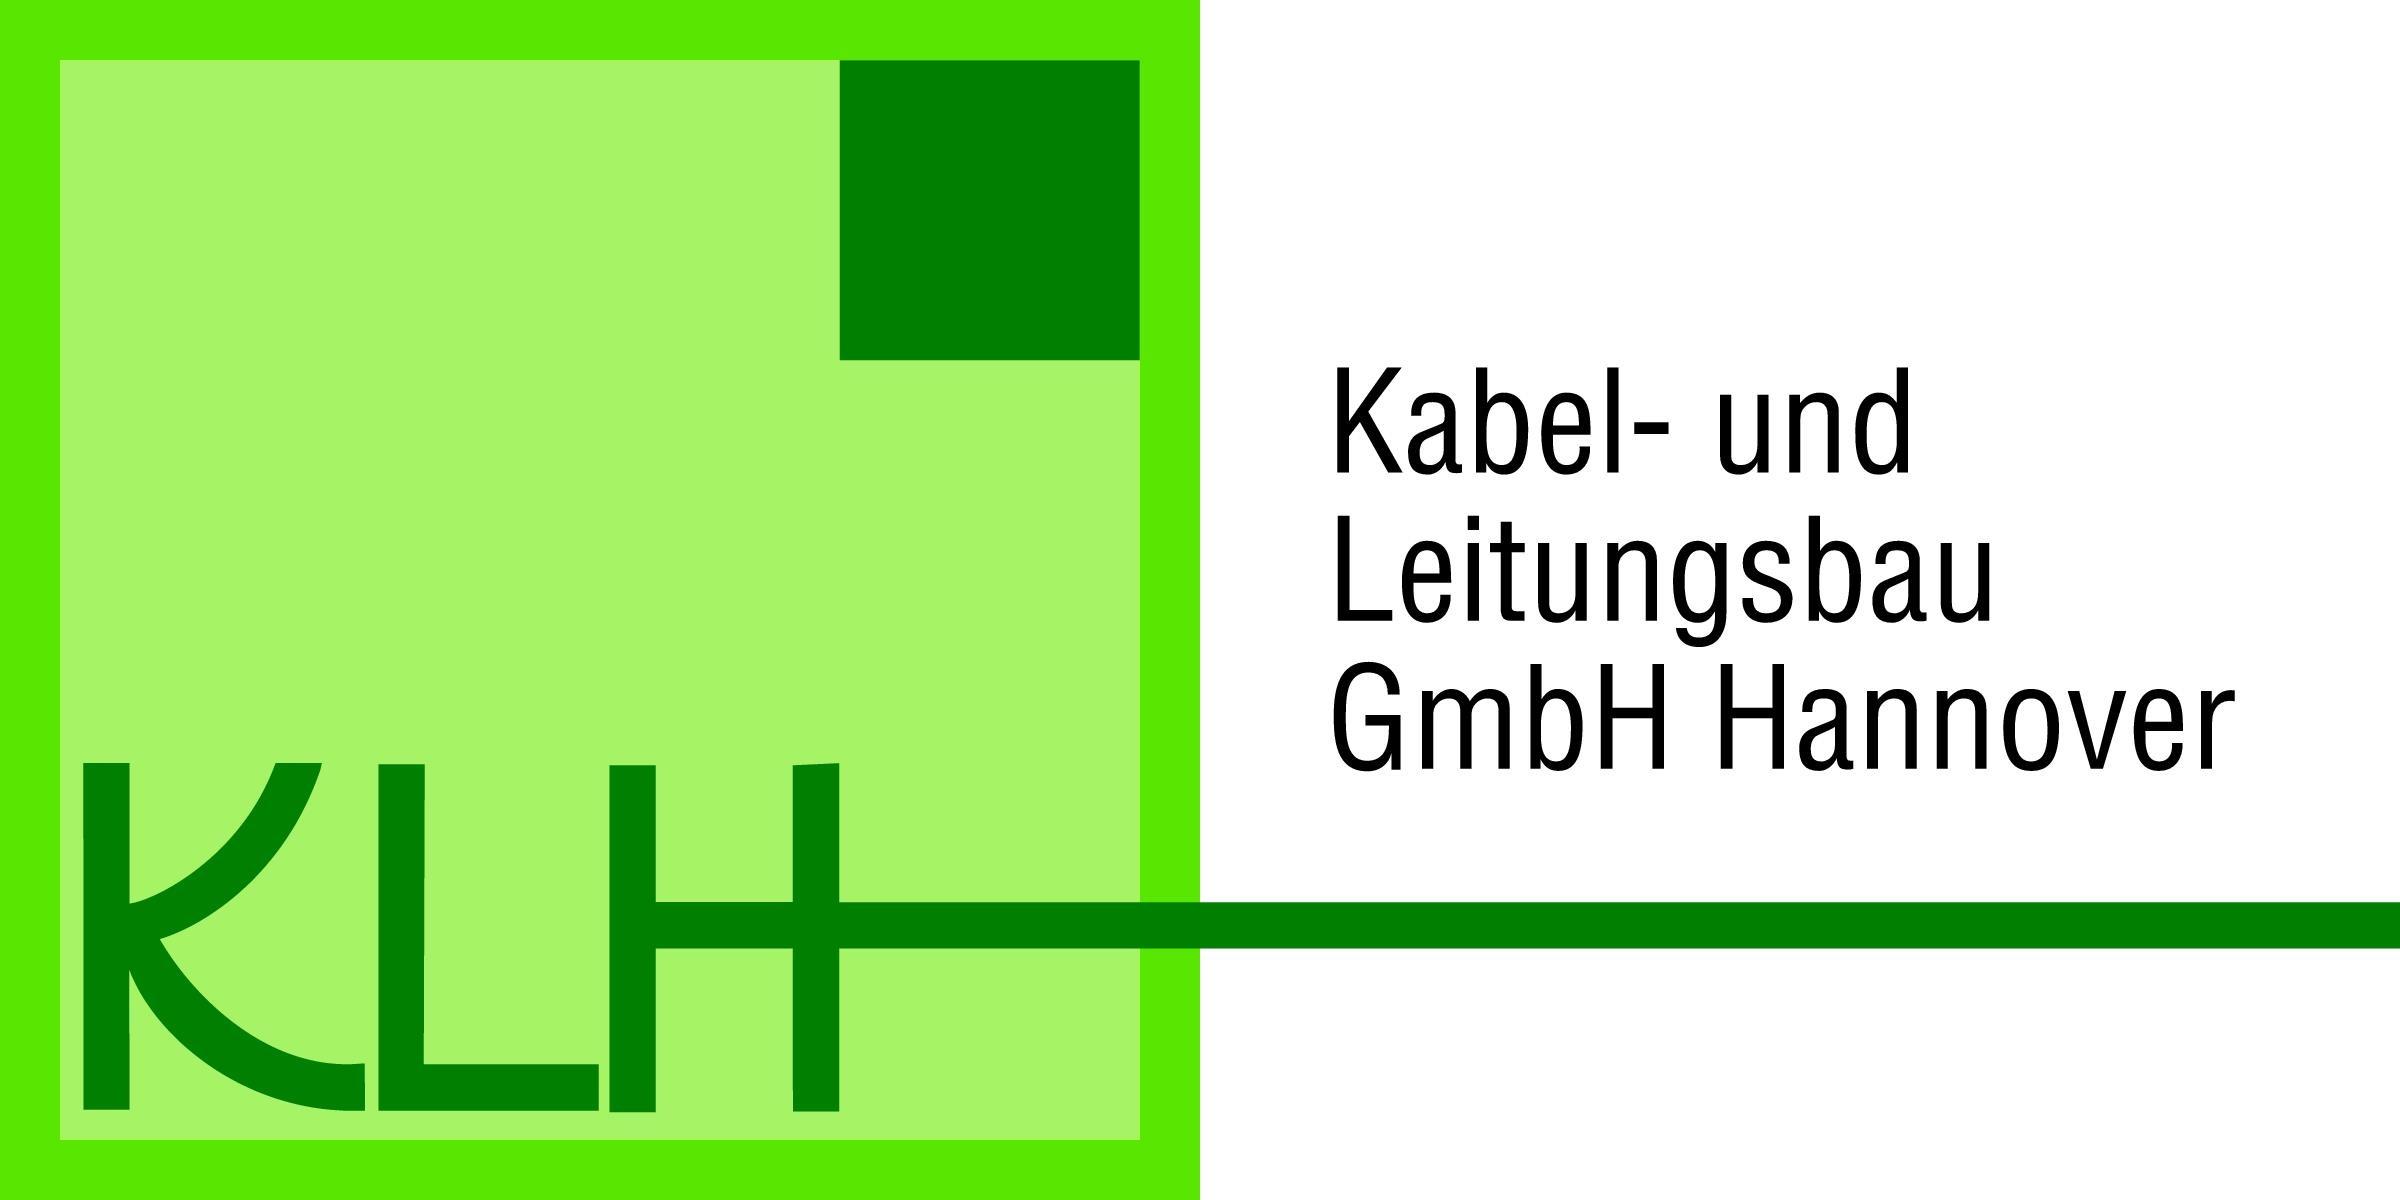 messedaten_messe_205_weblogos_klh_kabel-_und_leitungsbau_gmbh_hannover.jpg